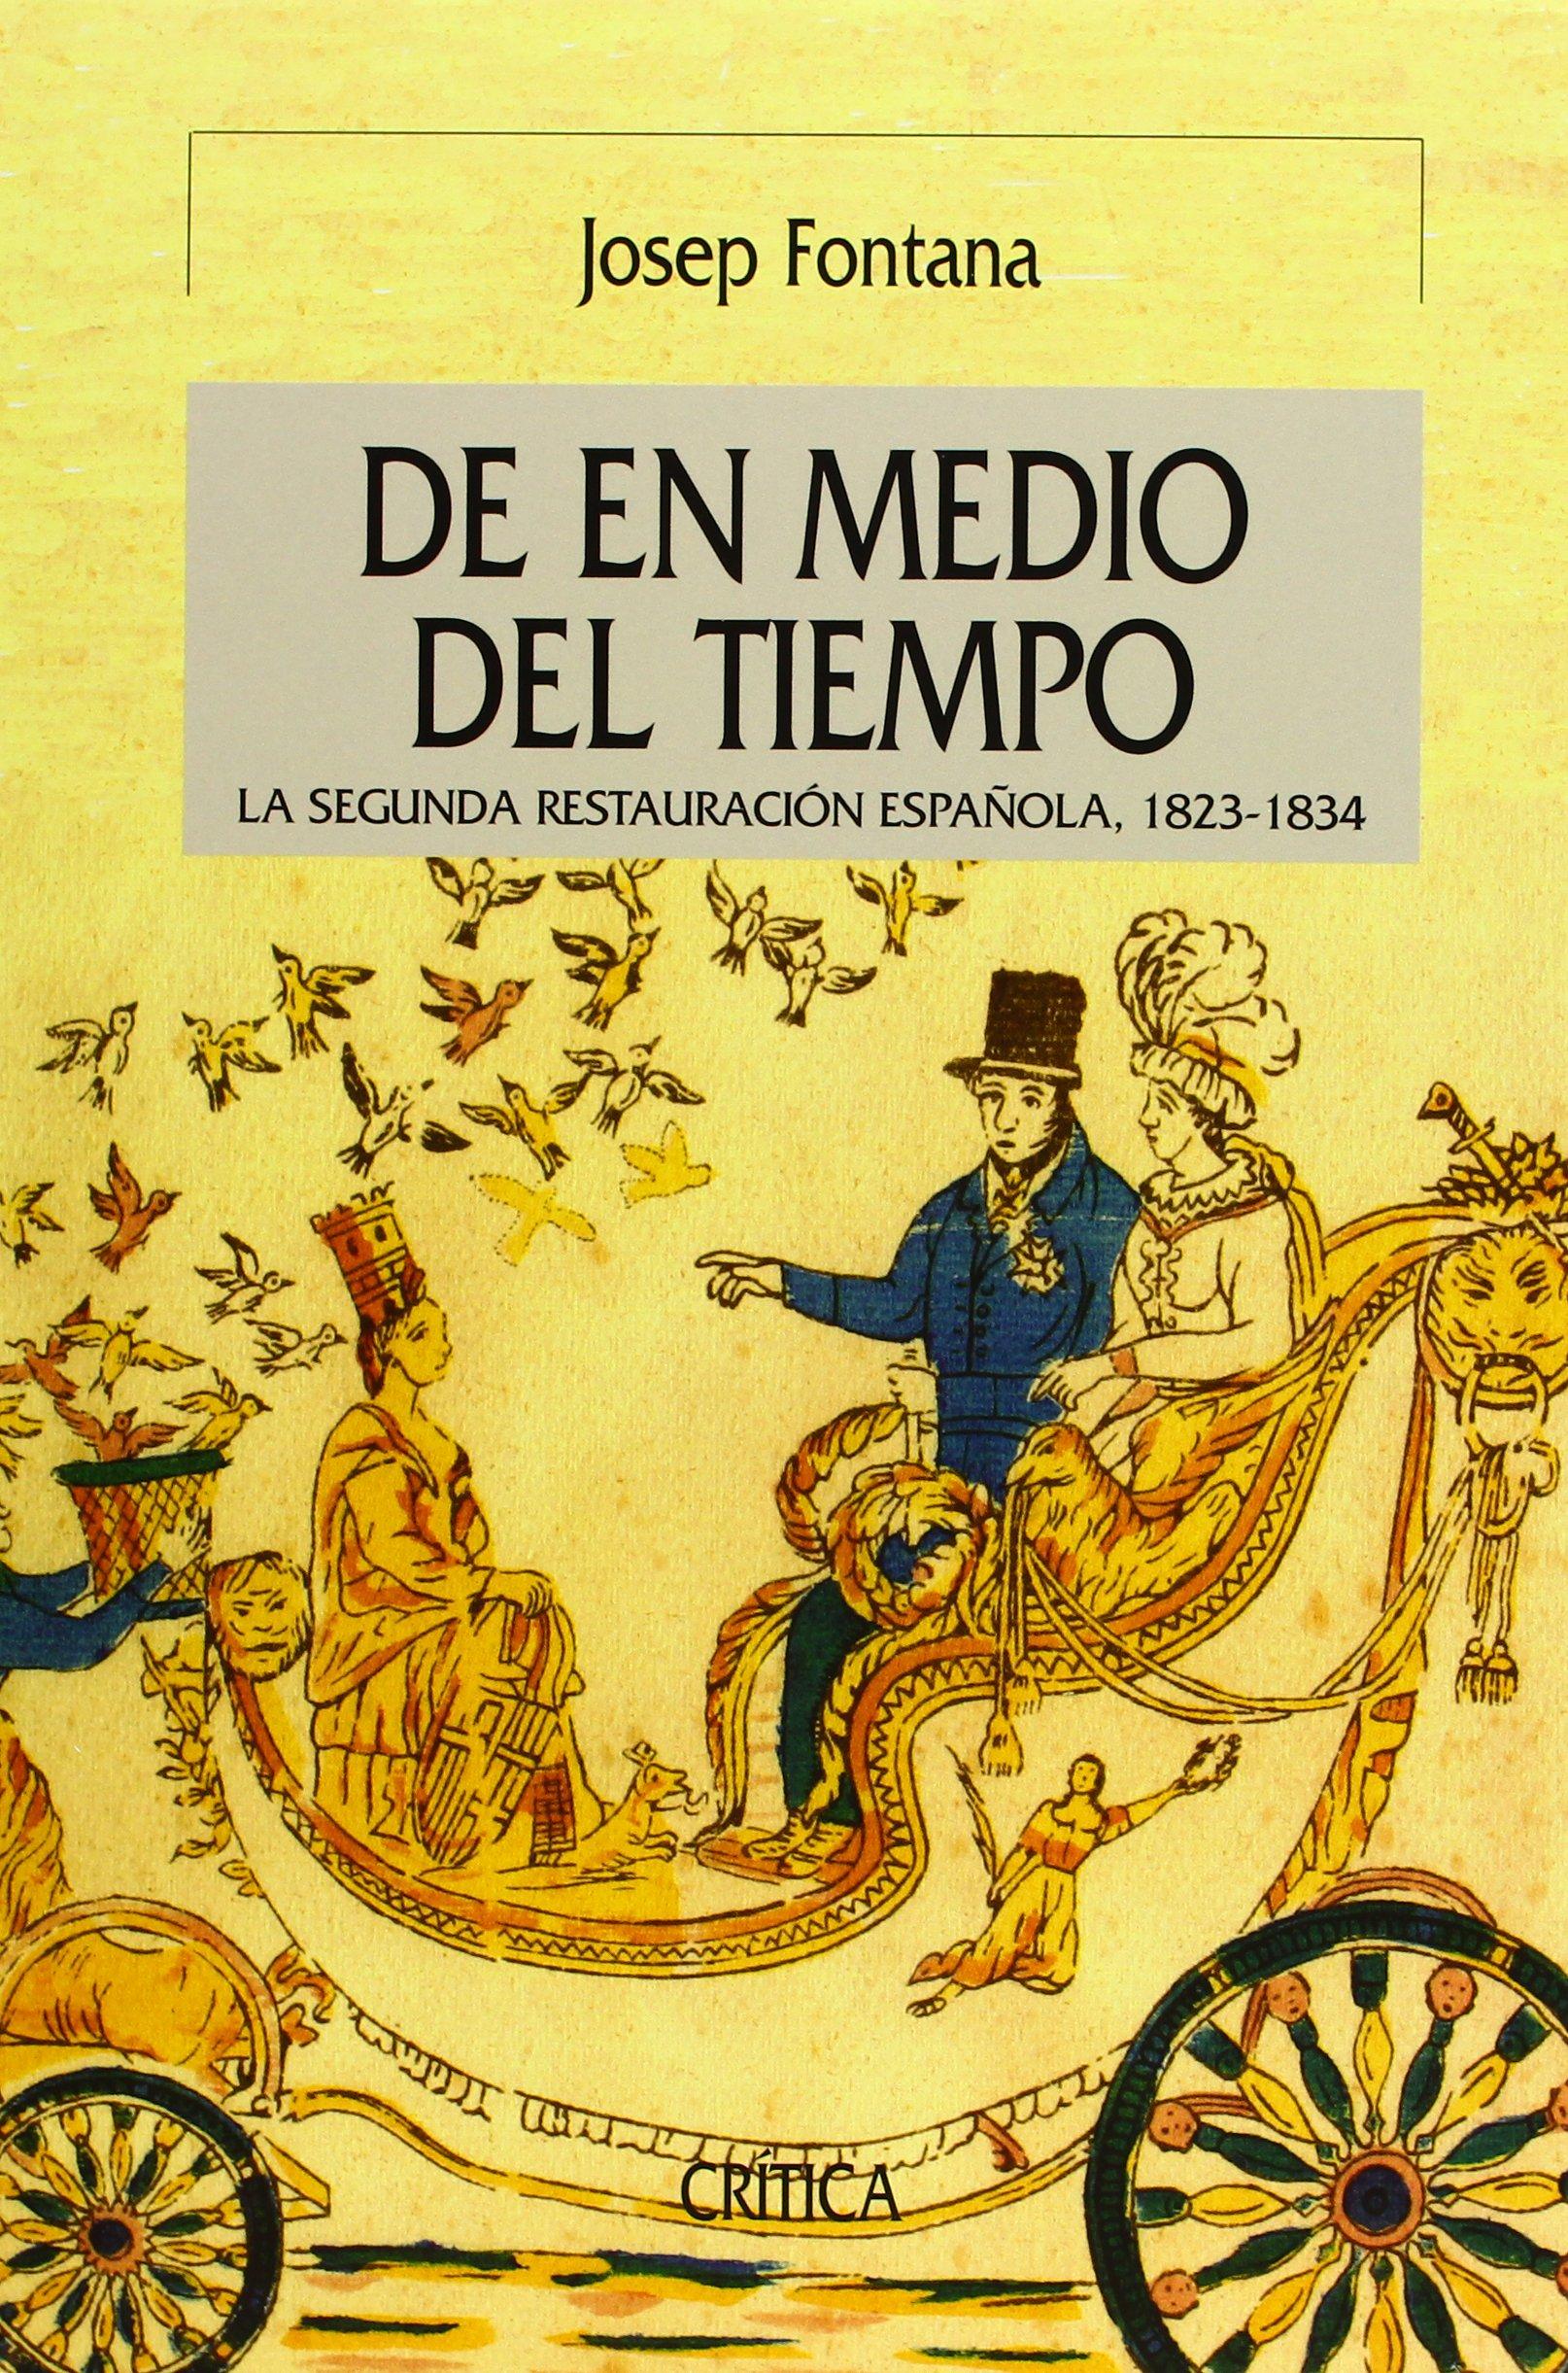 De en medio del tiempo: La segunda restauración española, 1823-1834 Serie Mayor: Amazon.es: Fontana, Josep: Libros